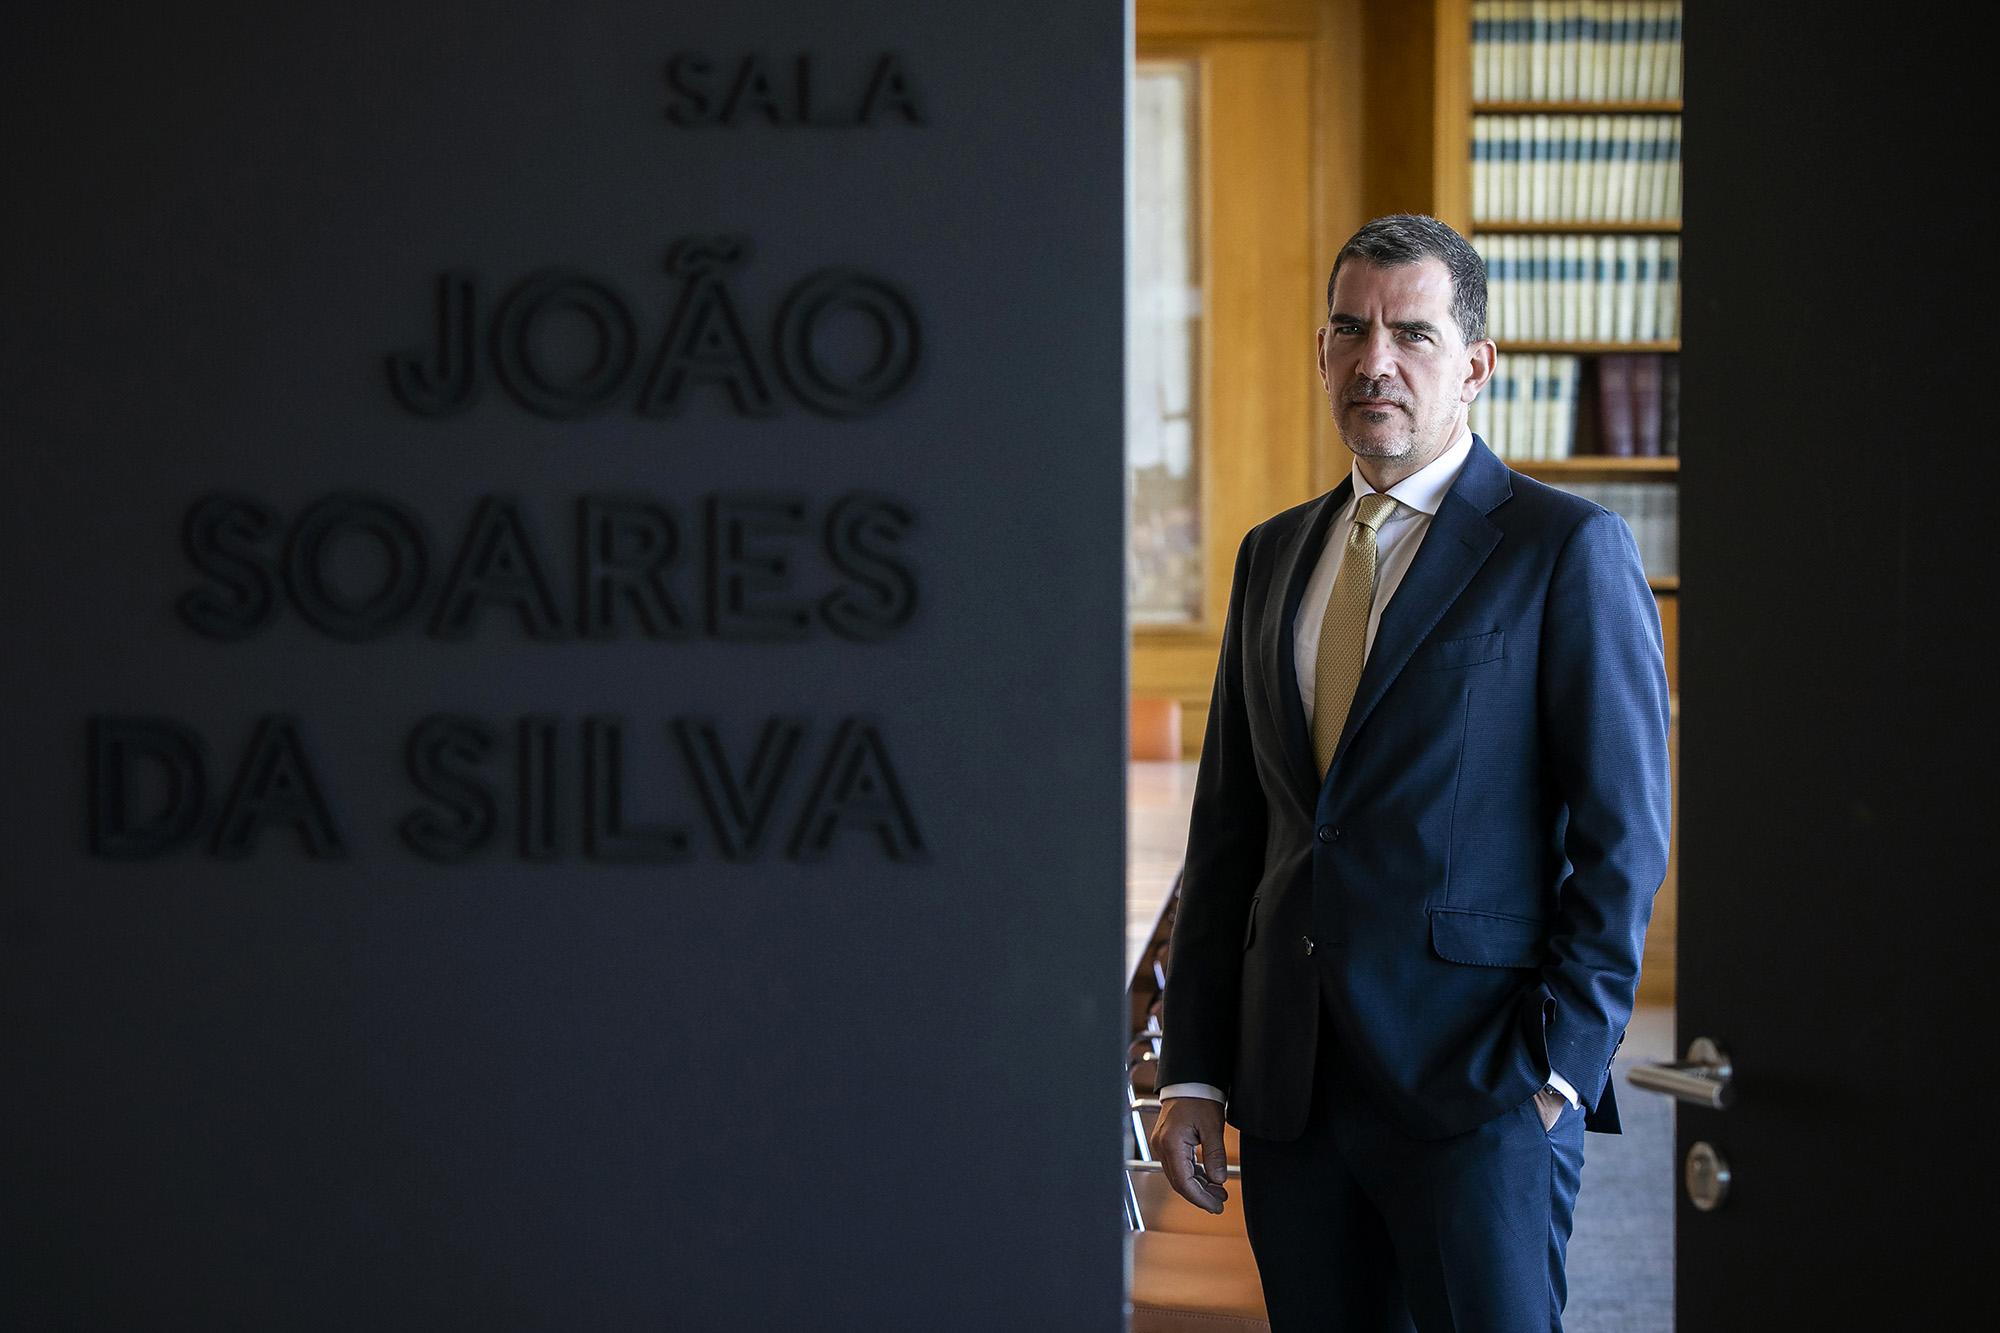 Tiago Félix da Costa, Partner da Morais Leitão, Galvão Teles, Soares da Silva & Associados, em entrevista ao ECO/Advocatus - 09JUN20